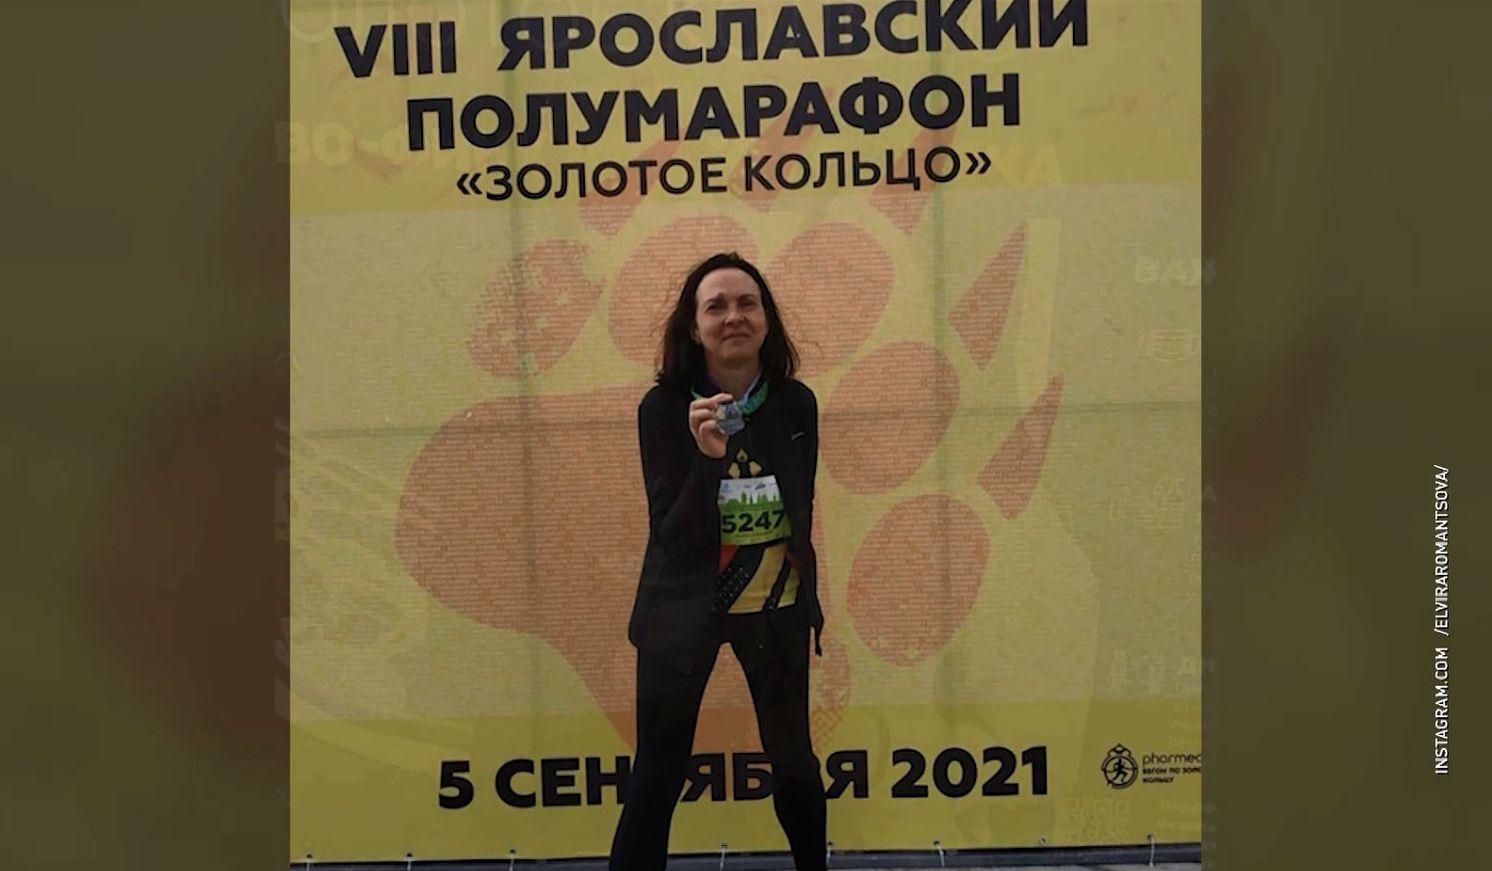 Ярославский полумарафон стал одним из самых интересных беговых соревнований года